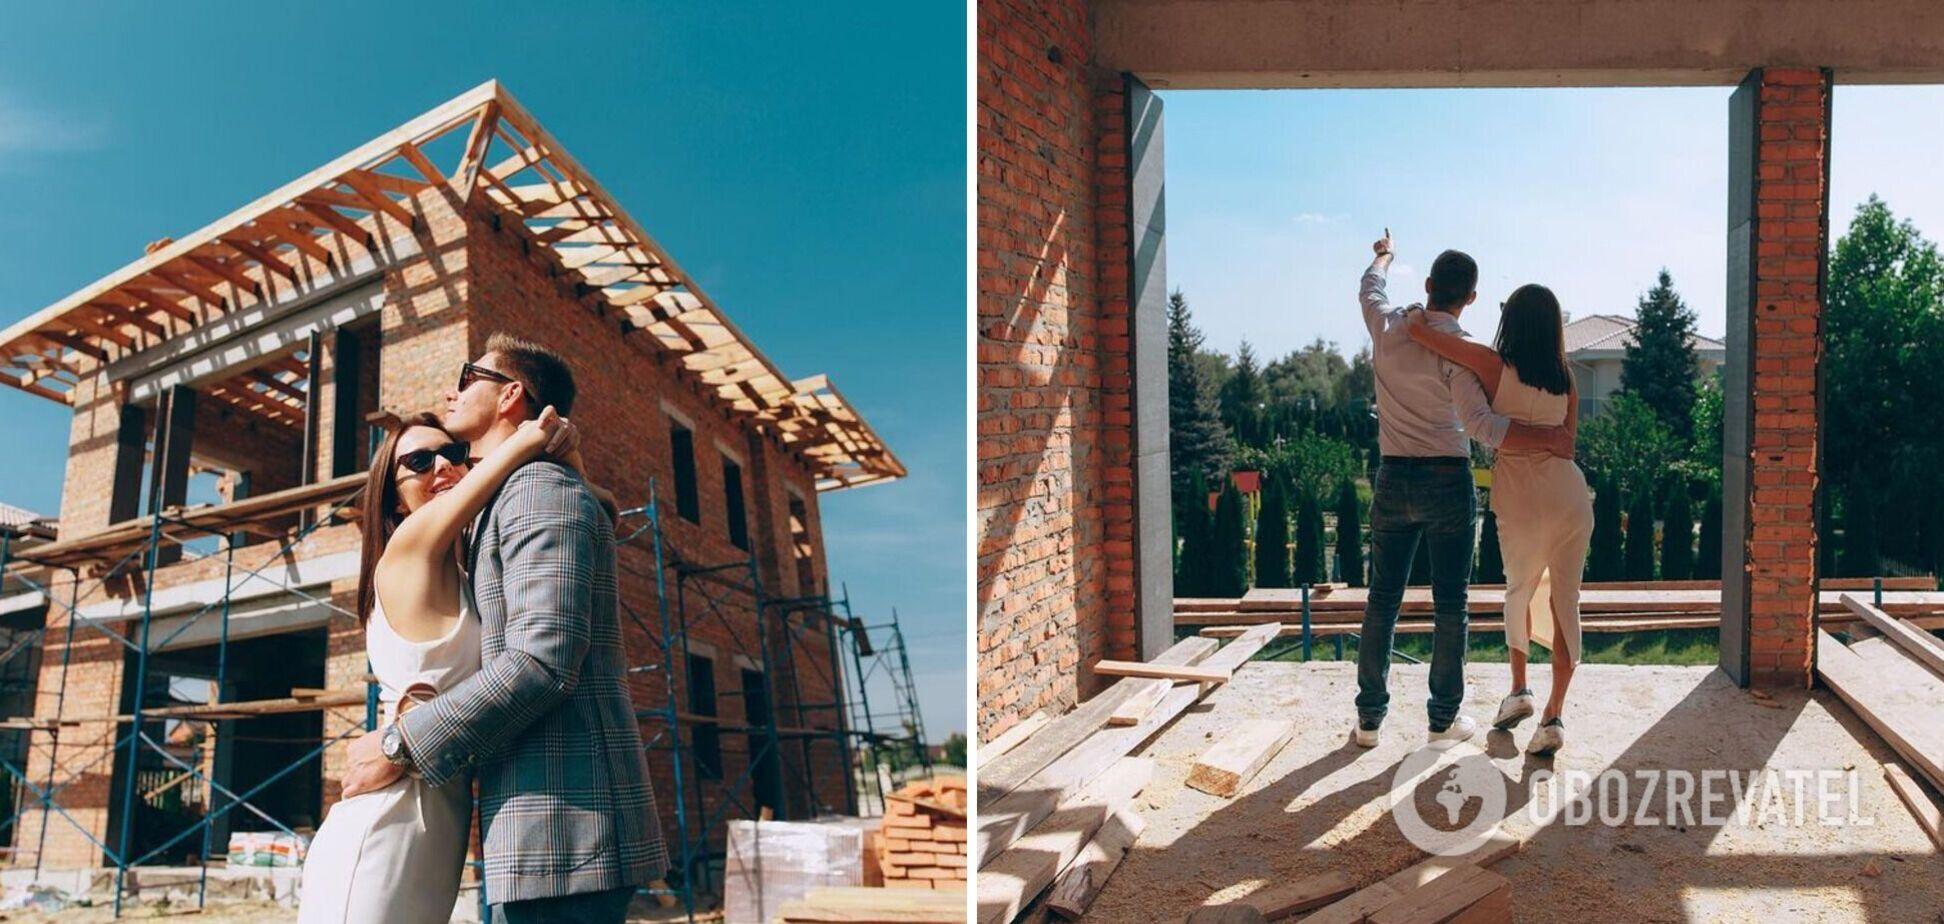 Біля озера та з панорамними вікнами: з'явилося відео будинку Остапчука і його дружини. Ексклюзив